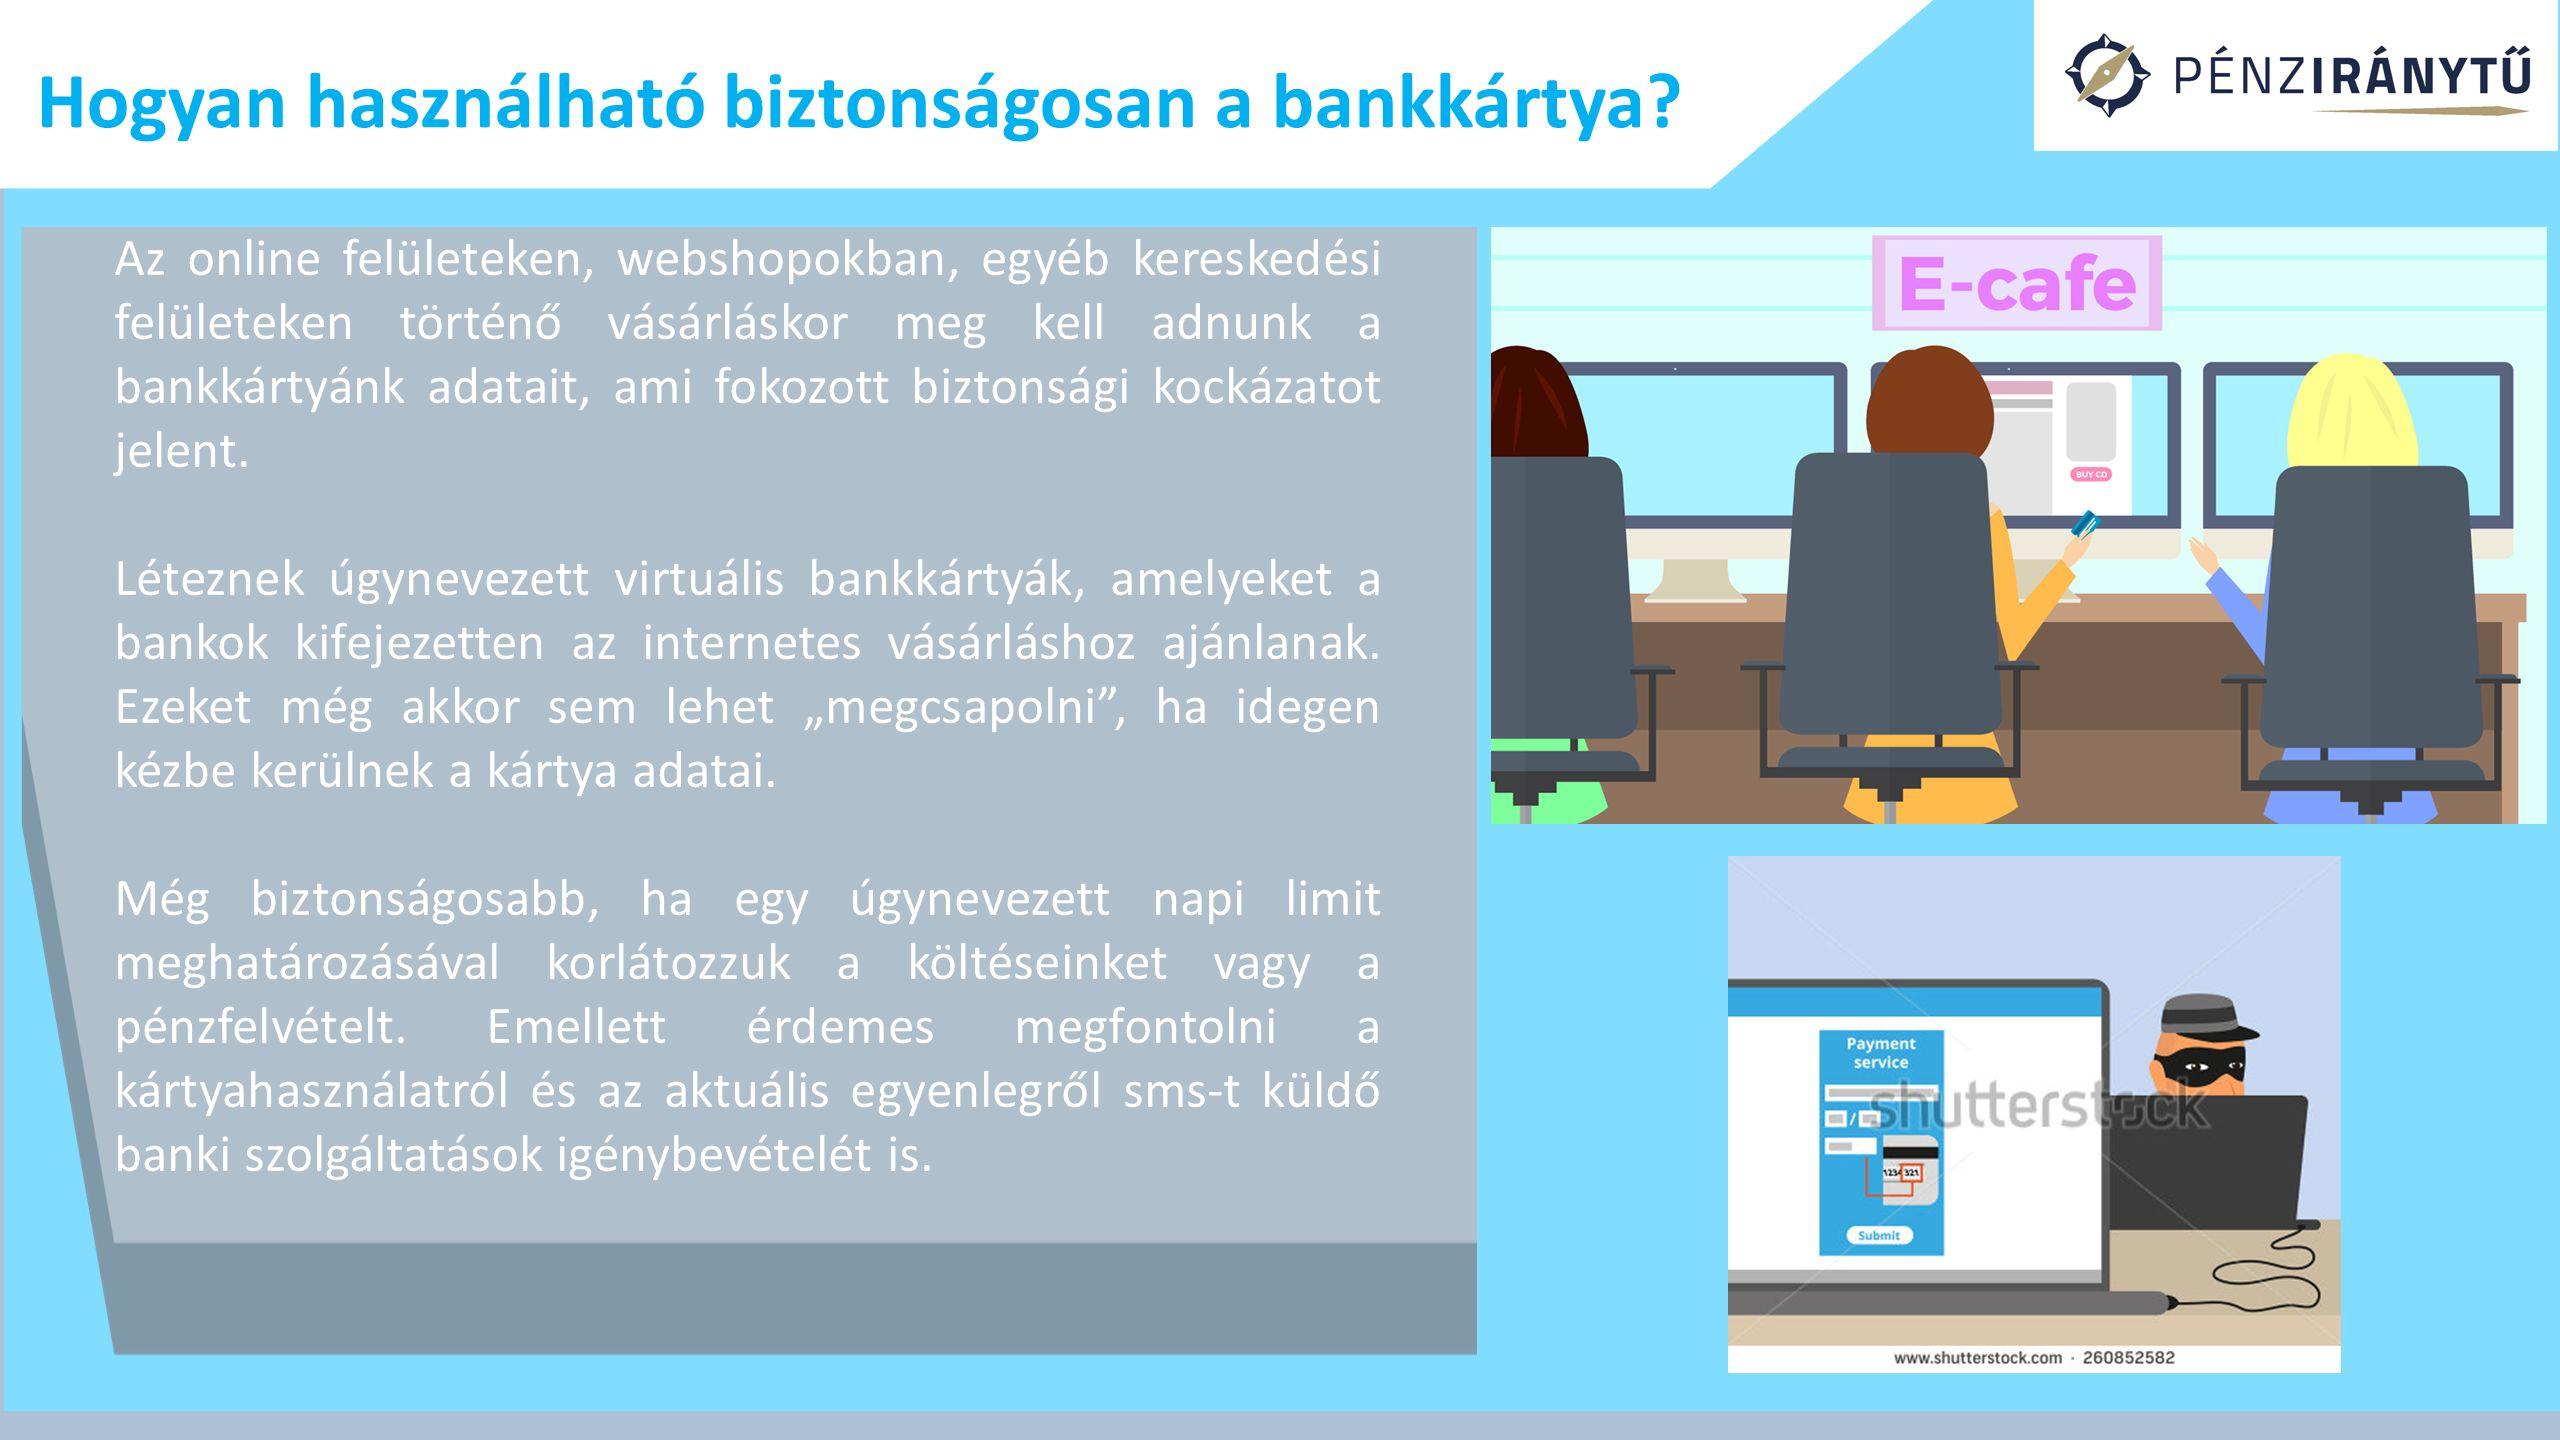 Hogyan használható biztonságosan a bankkártya